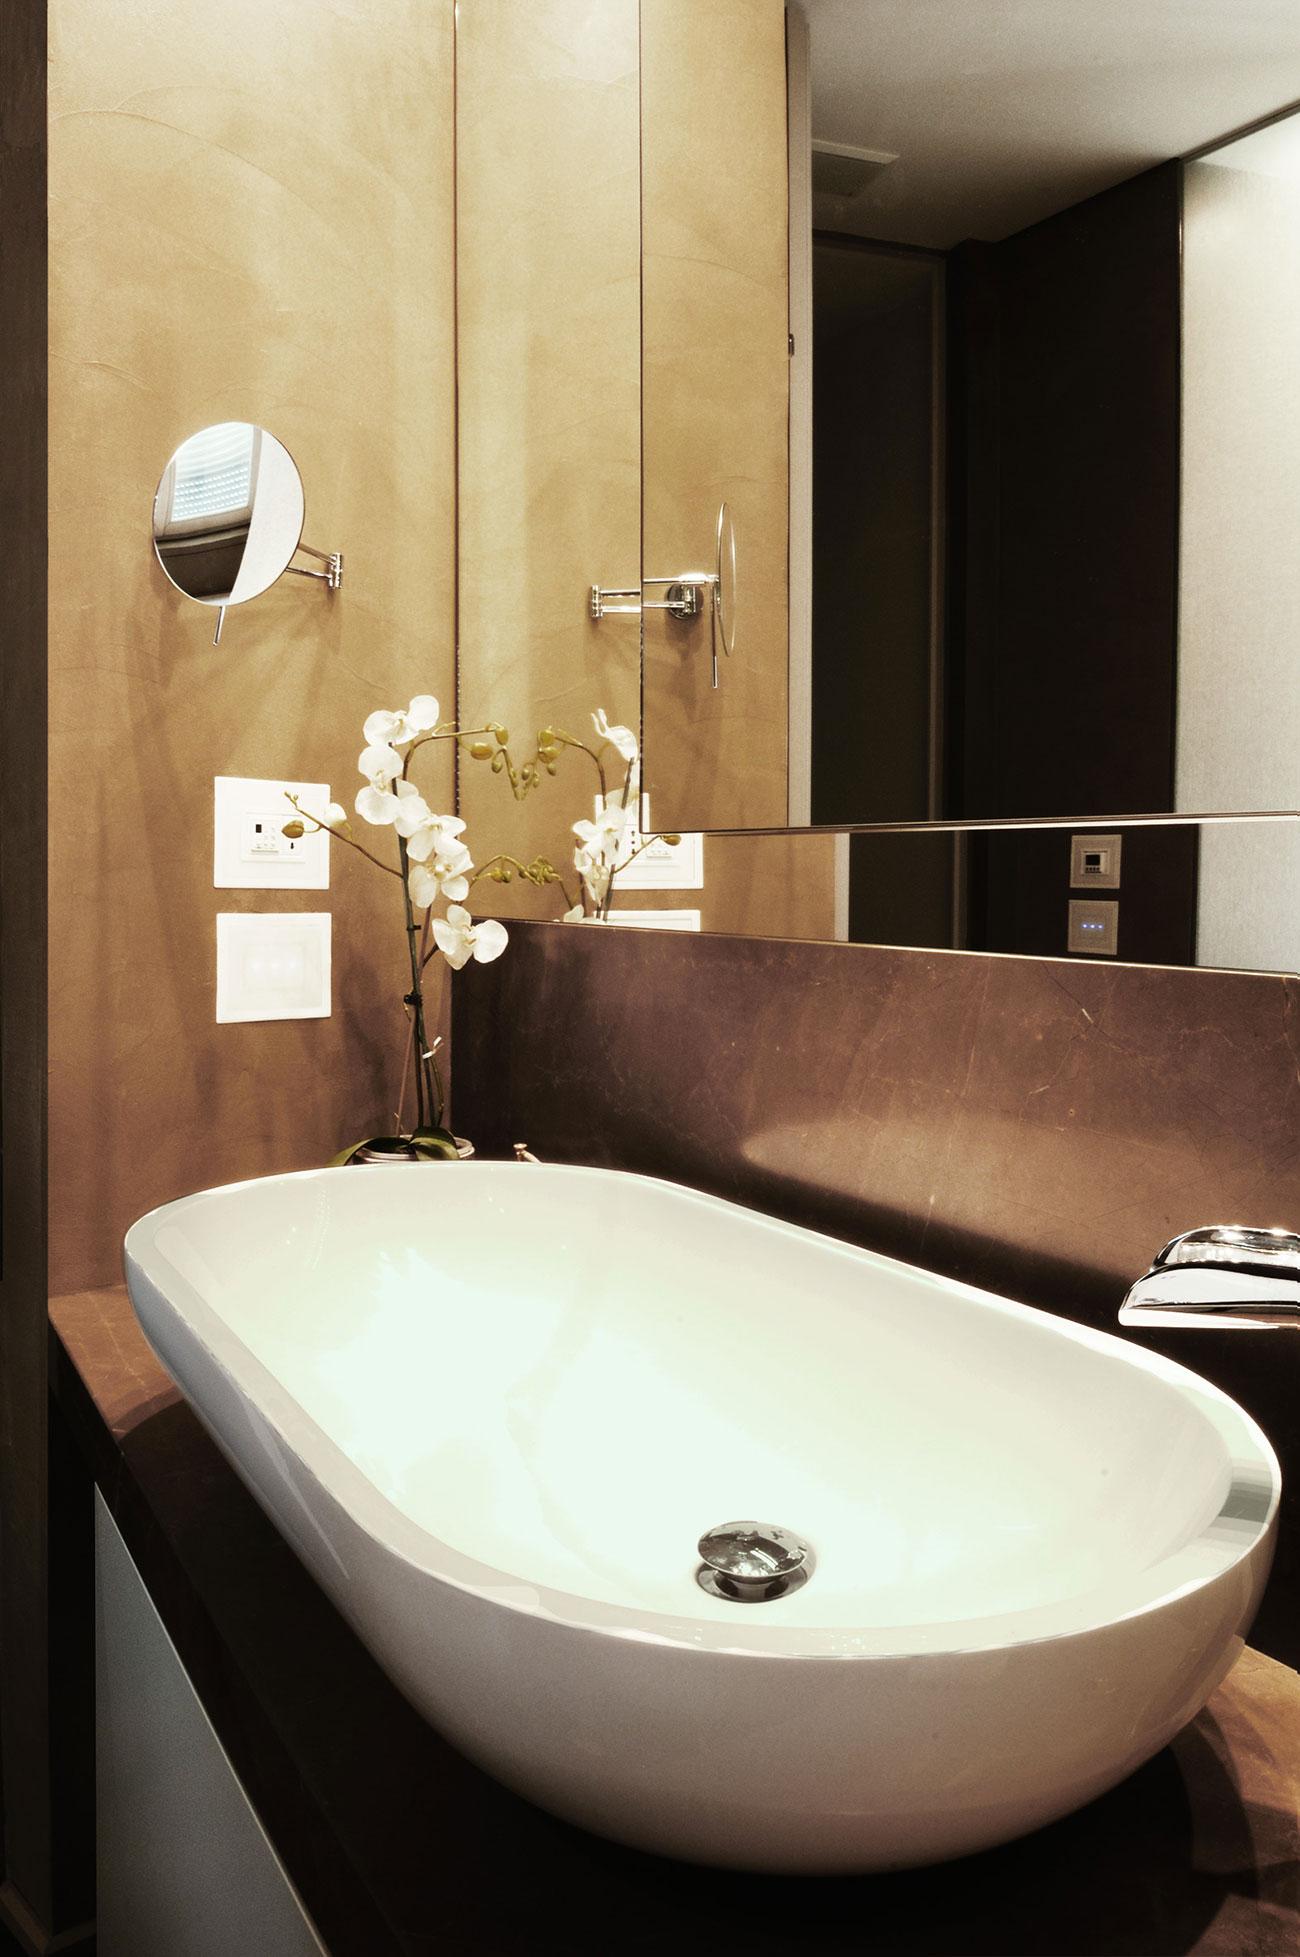 Appartamento rimini ave touch - Bagno 44 rimini ...